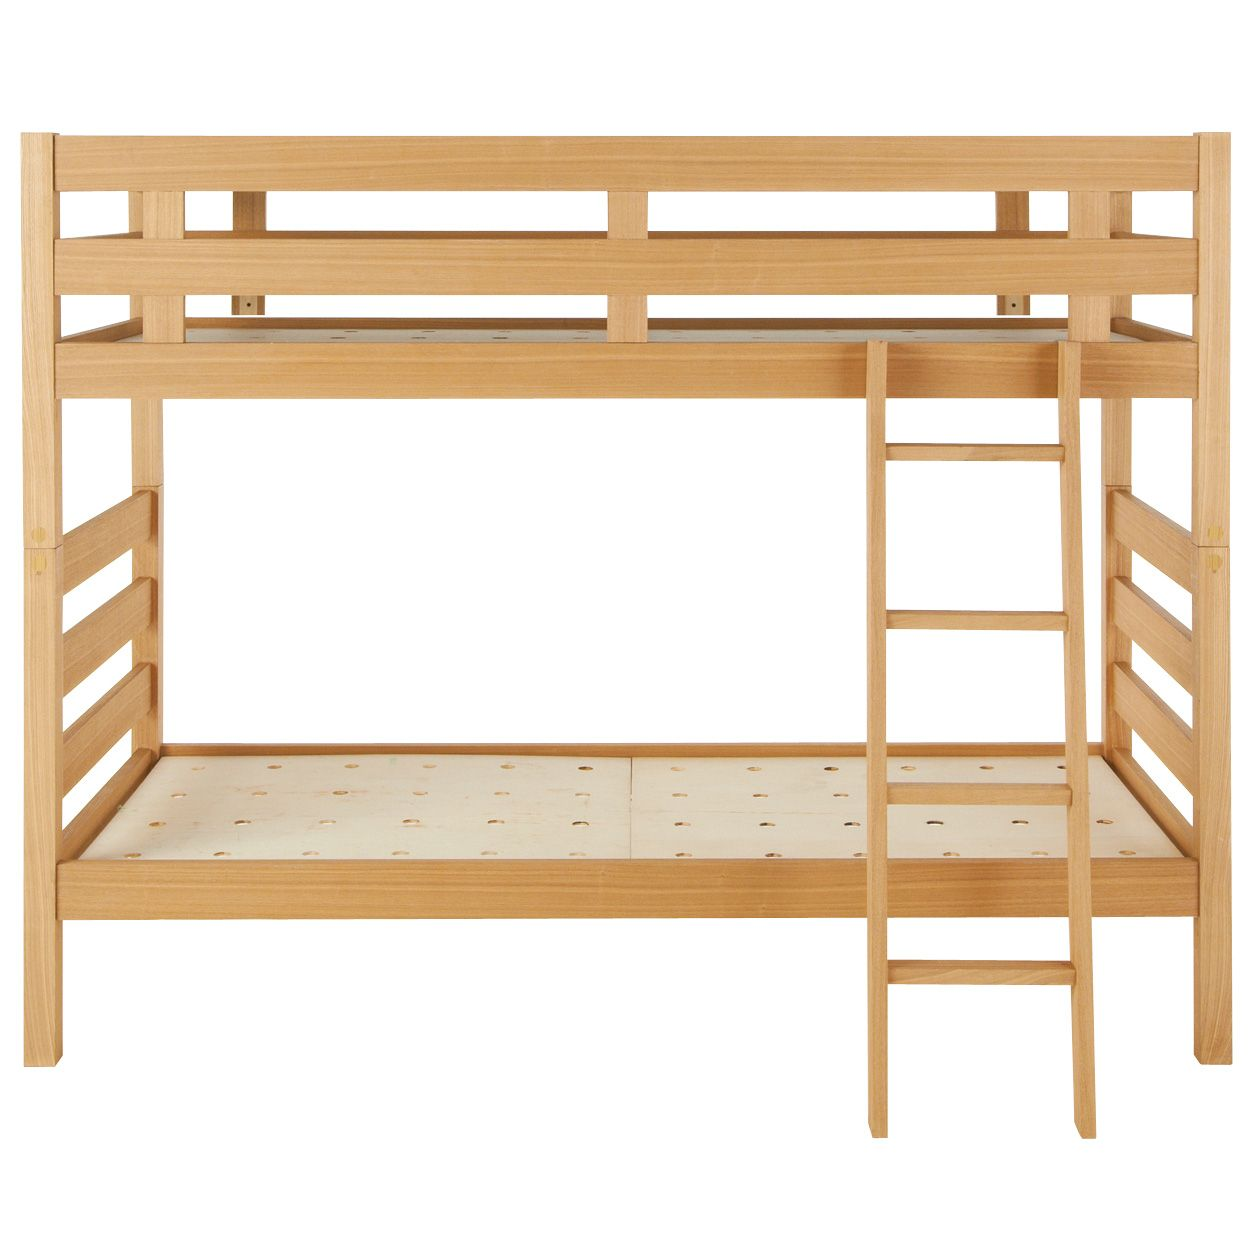 オーク材2段ベッド 幅87.5×奥行204×高さ157.5 | 無印良品